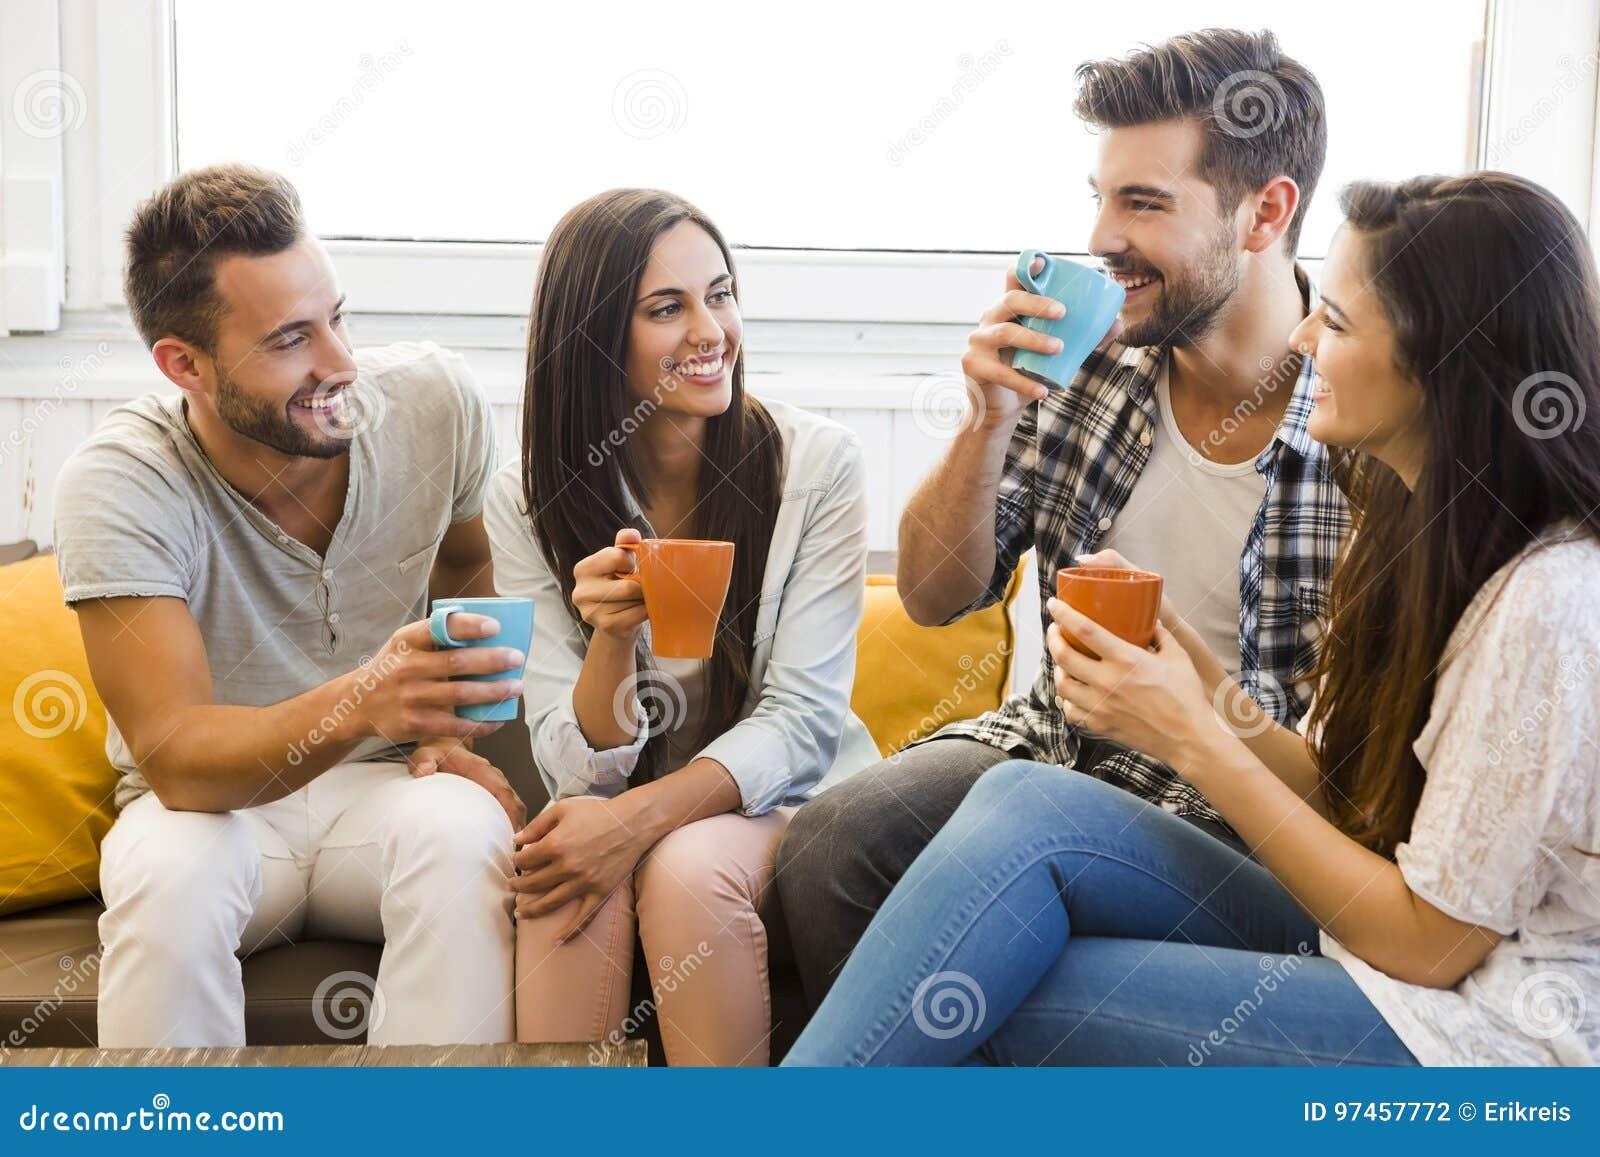 Treffen von Freunden stockfoto. Bild von freunden, treffen - 97457772